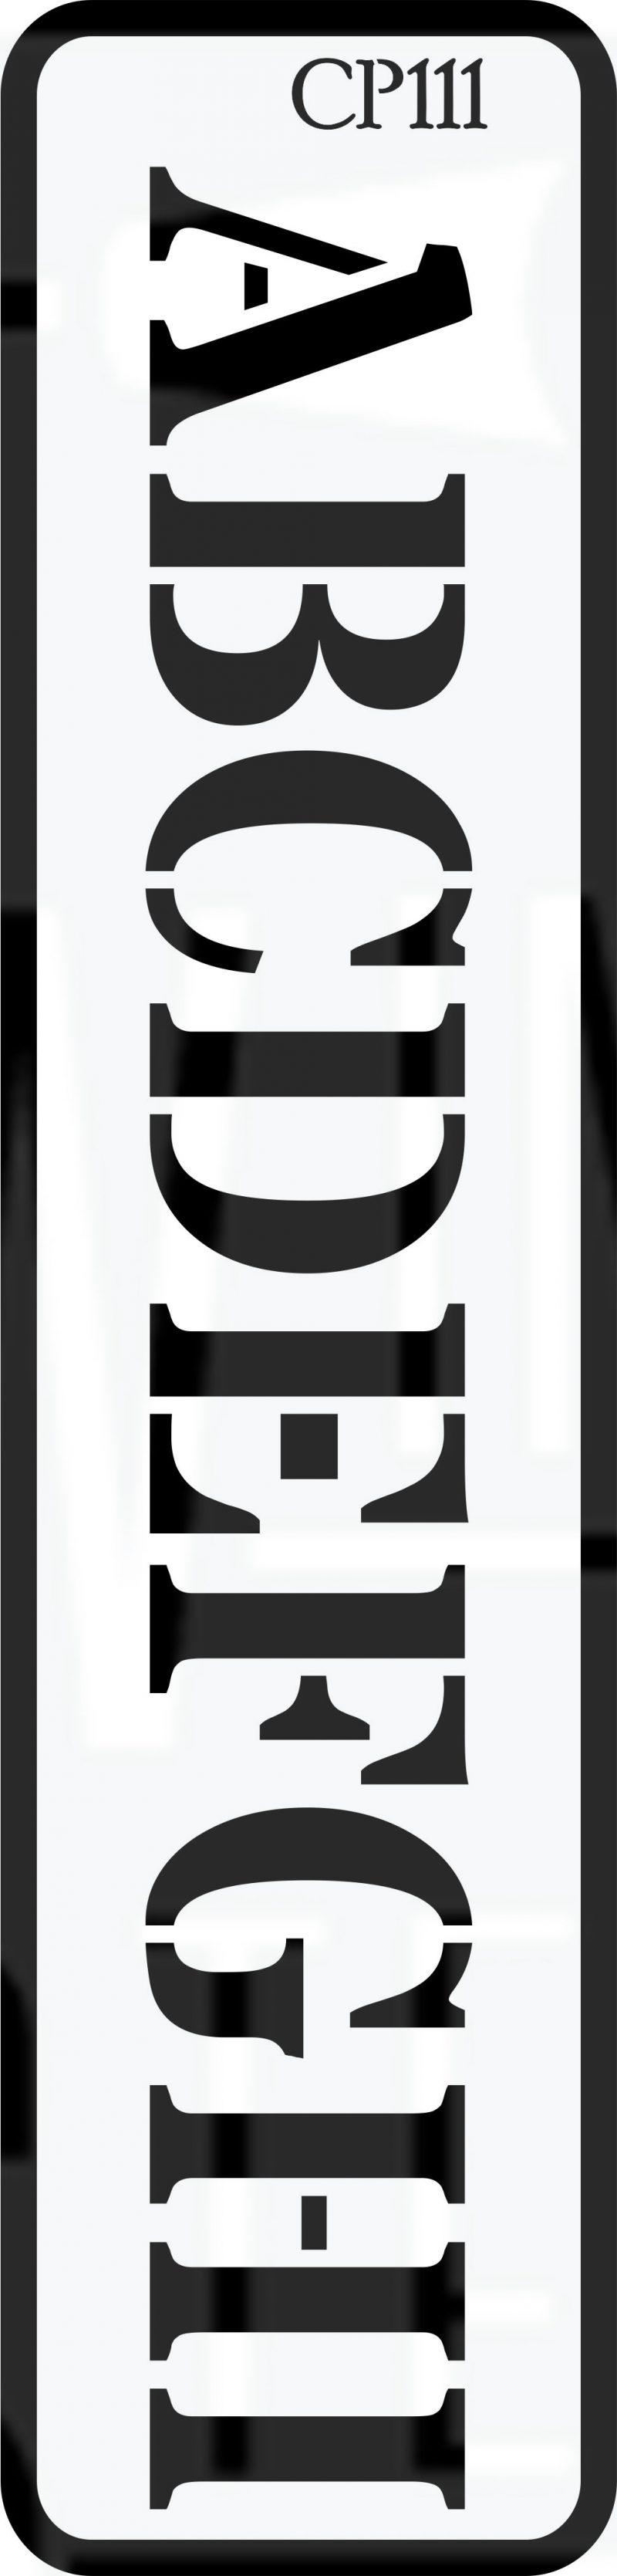 CP111 – Stencil